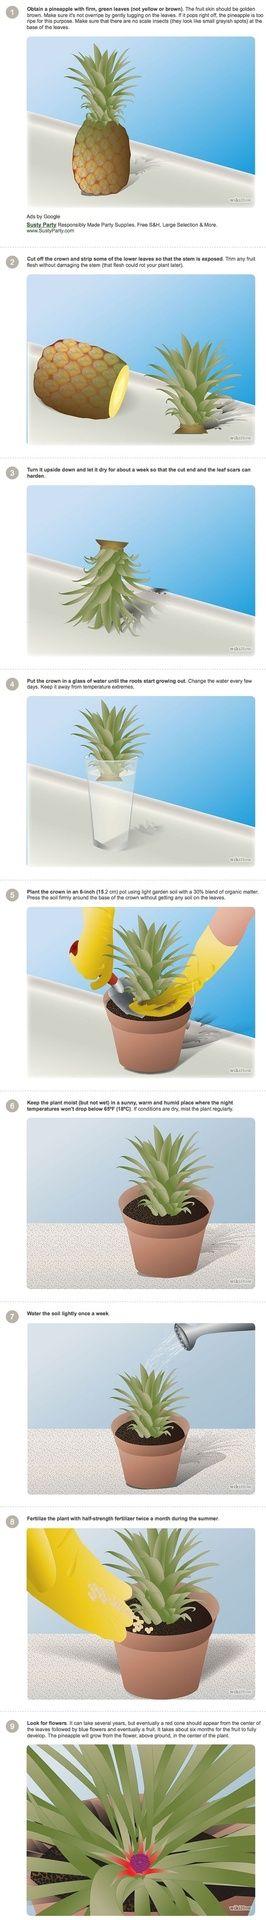 Gorgeous Flowers Garden & Love — How to grow a pineap Flowers Garden Love